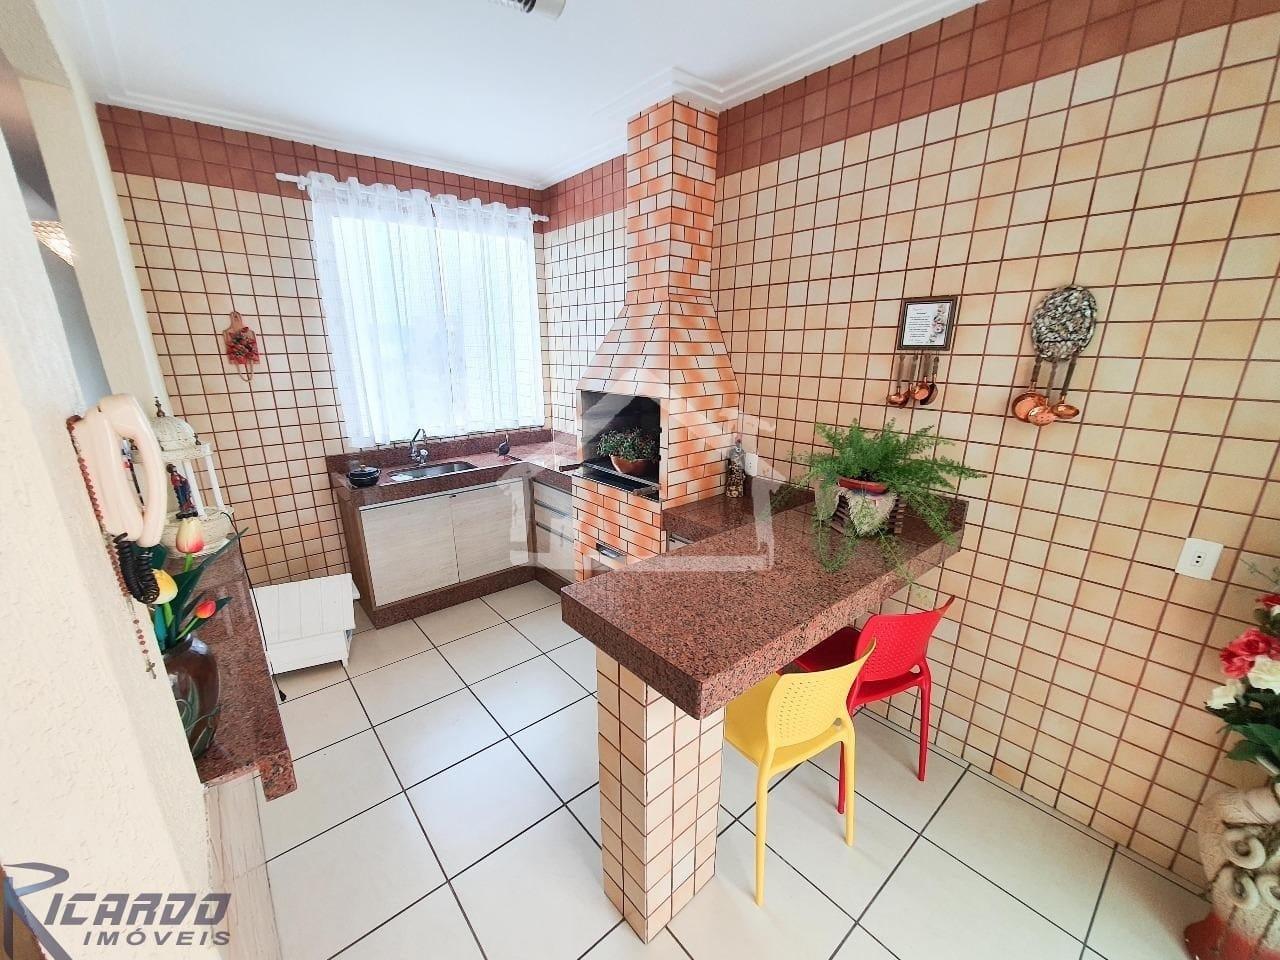 https://static.arboimoveis.com.br/CO0006_LOU/cobertura-a-venda-com-quartos-horto-ipatinga-mg1628488619073skfcy.jpg